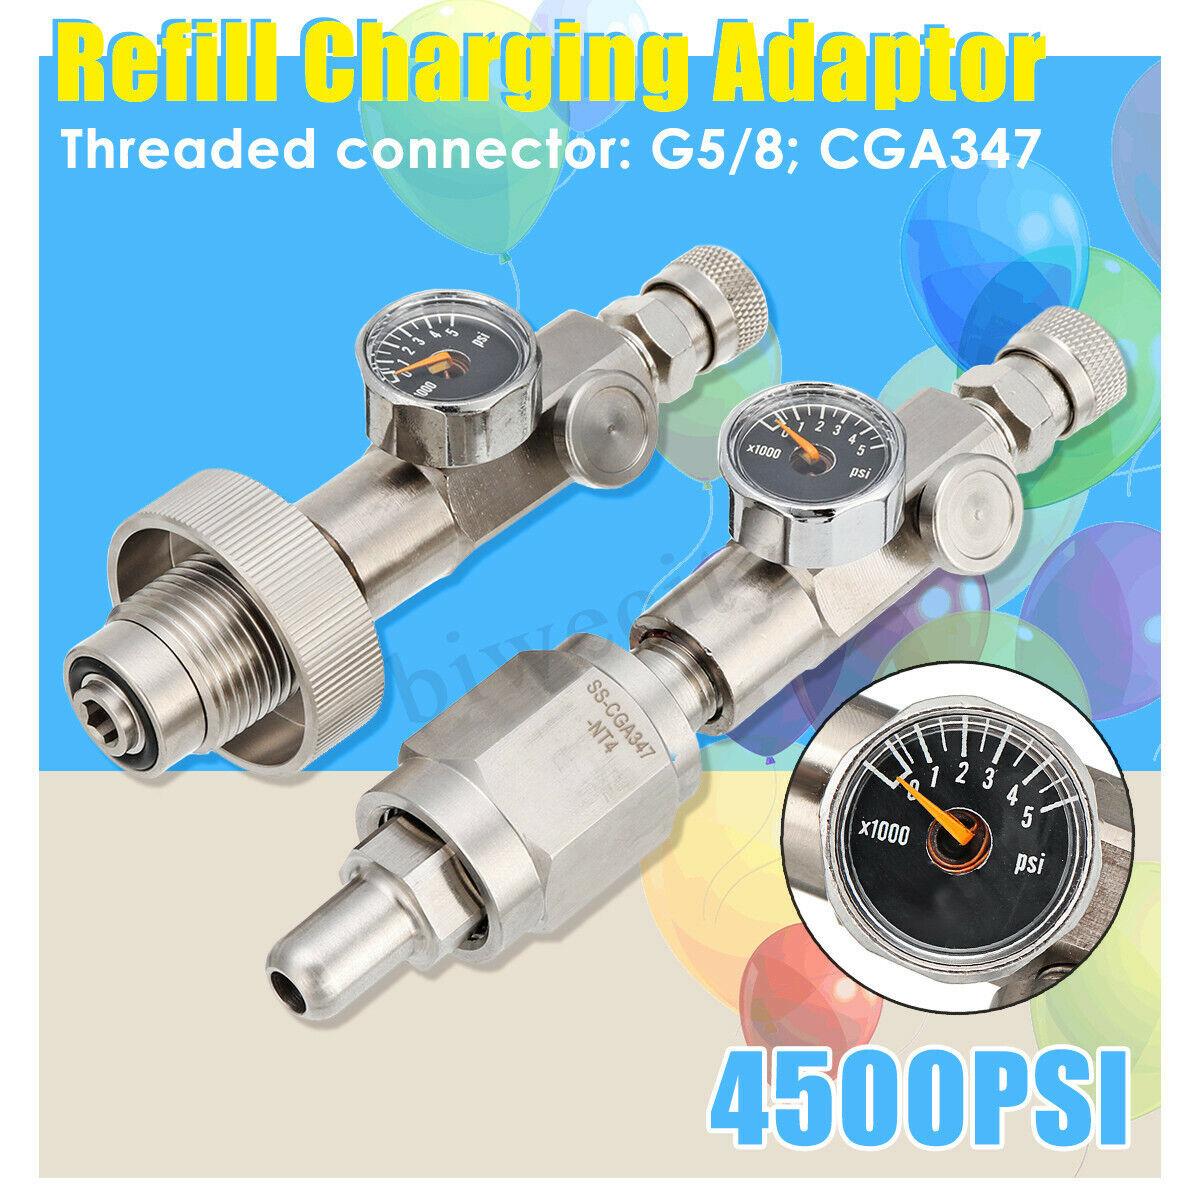 G5 8 CGA347 4500PSI Filling Refill Charging Adaptor Congreener W  Pressure Gauge